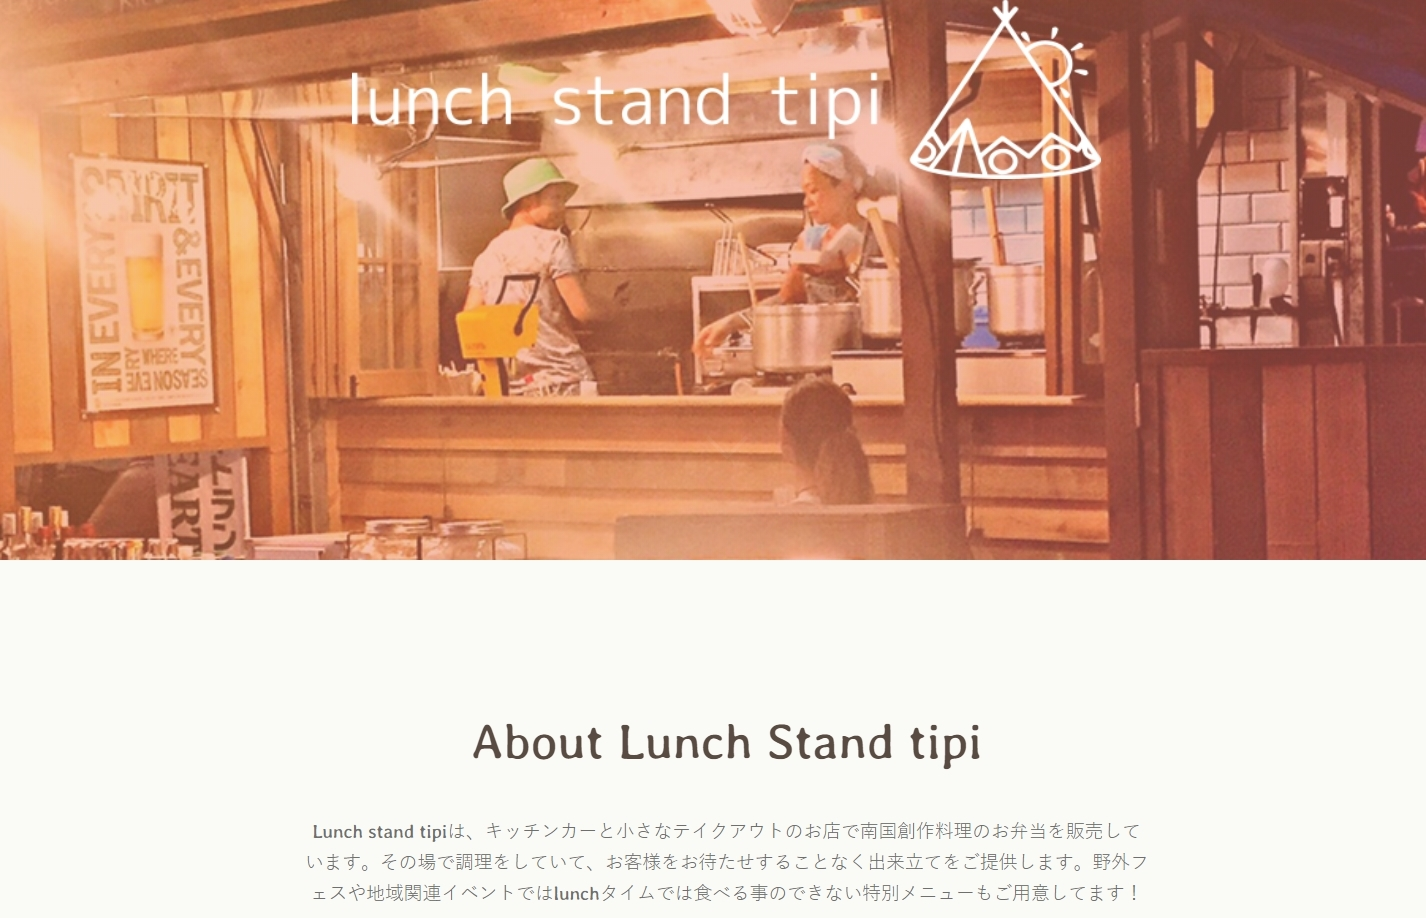 『lunchi stund tipi』さん移動販売車(キッチンカー)のご紹介の写真1